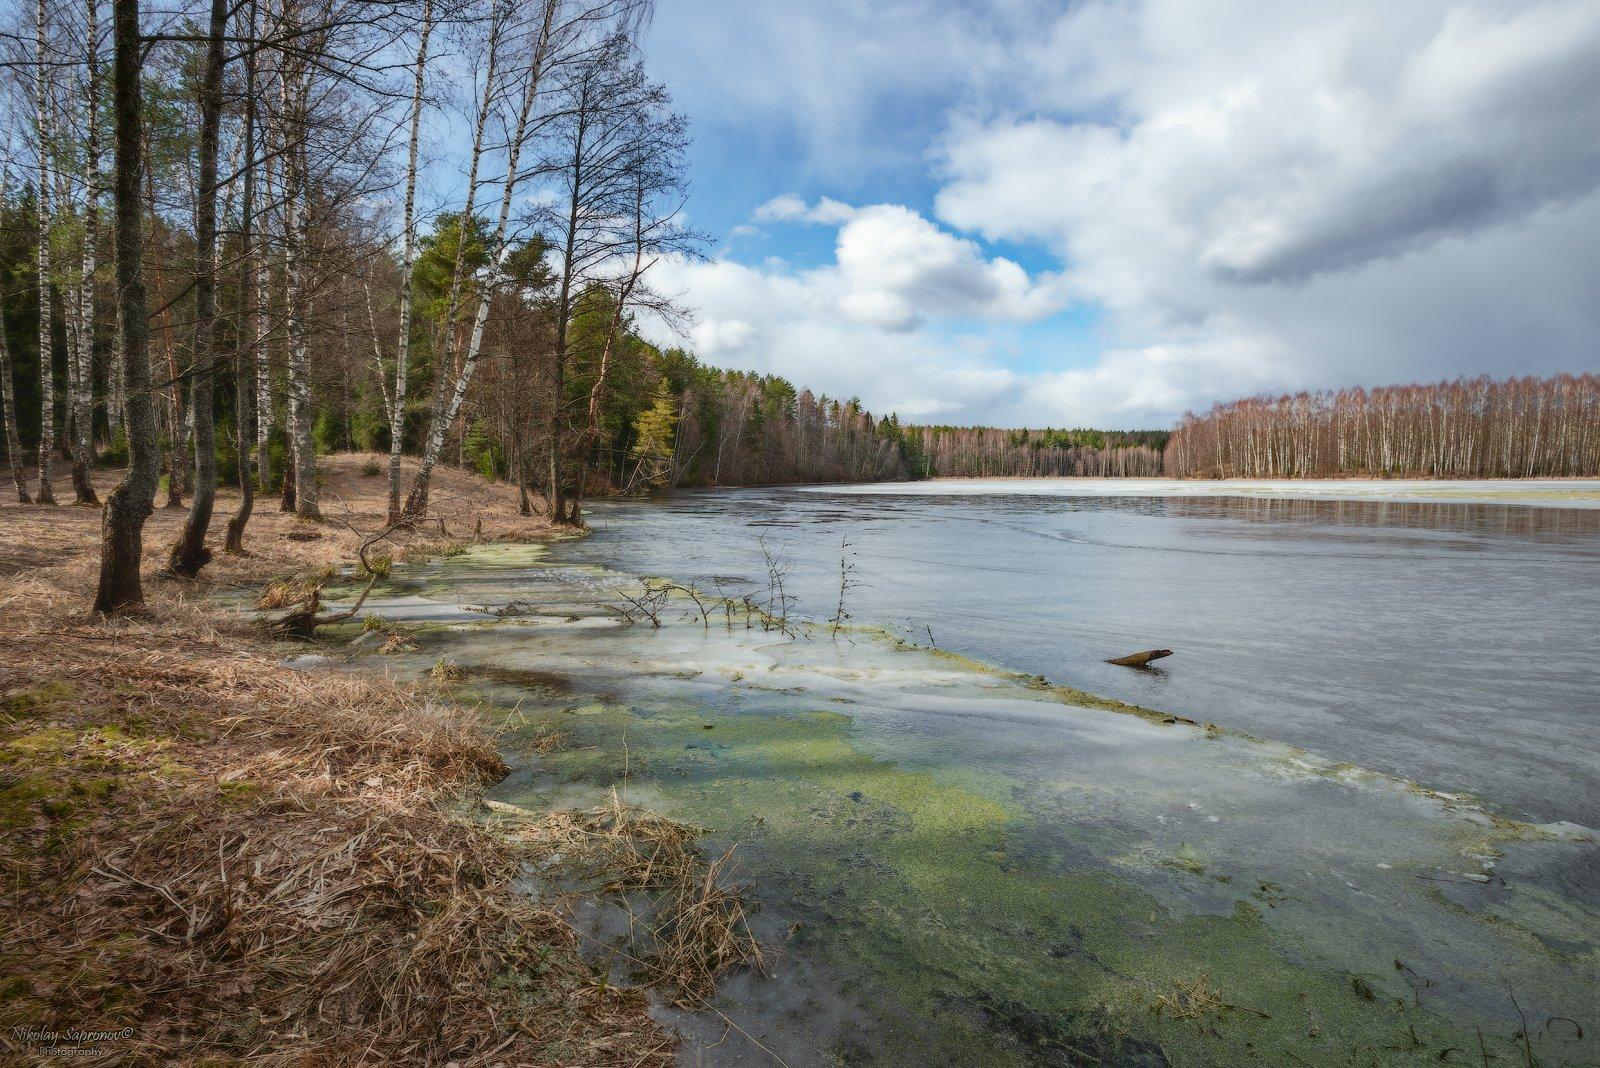 ивановская область, март, весна, разливы, весенние заморозки, заморозки, озеро, лесное озеро, Николай Сапронов